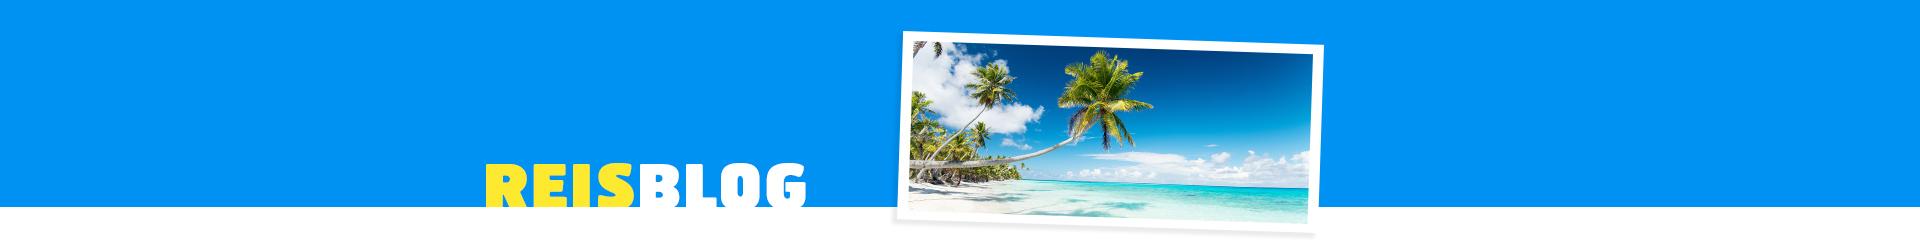 Prachtig wit zandstrand met wuivende palmboom op een tropische bestemming